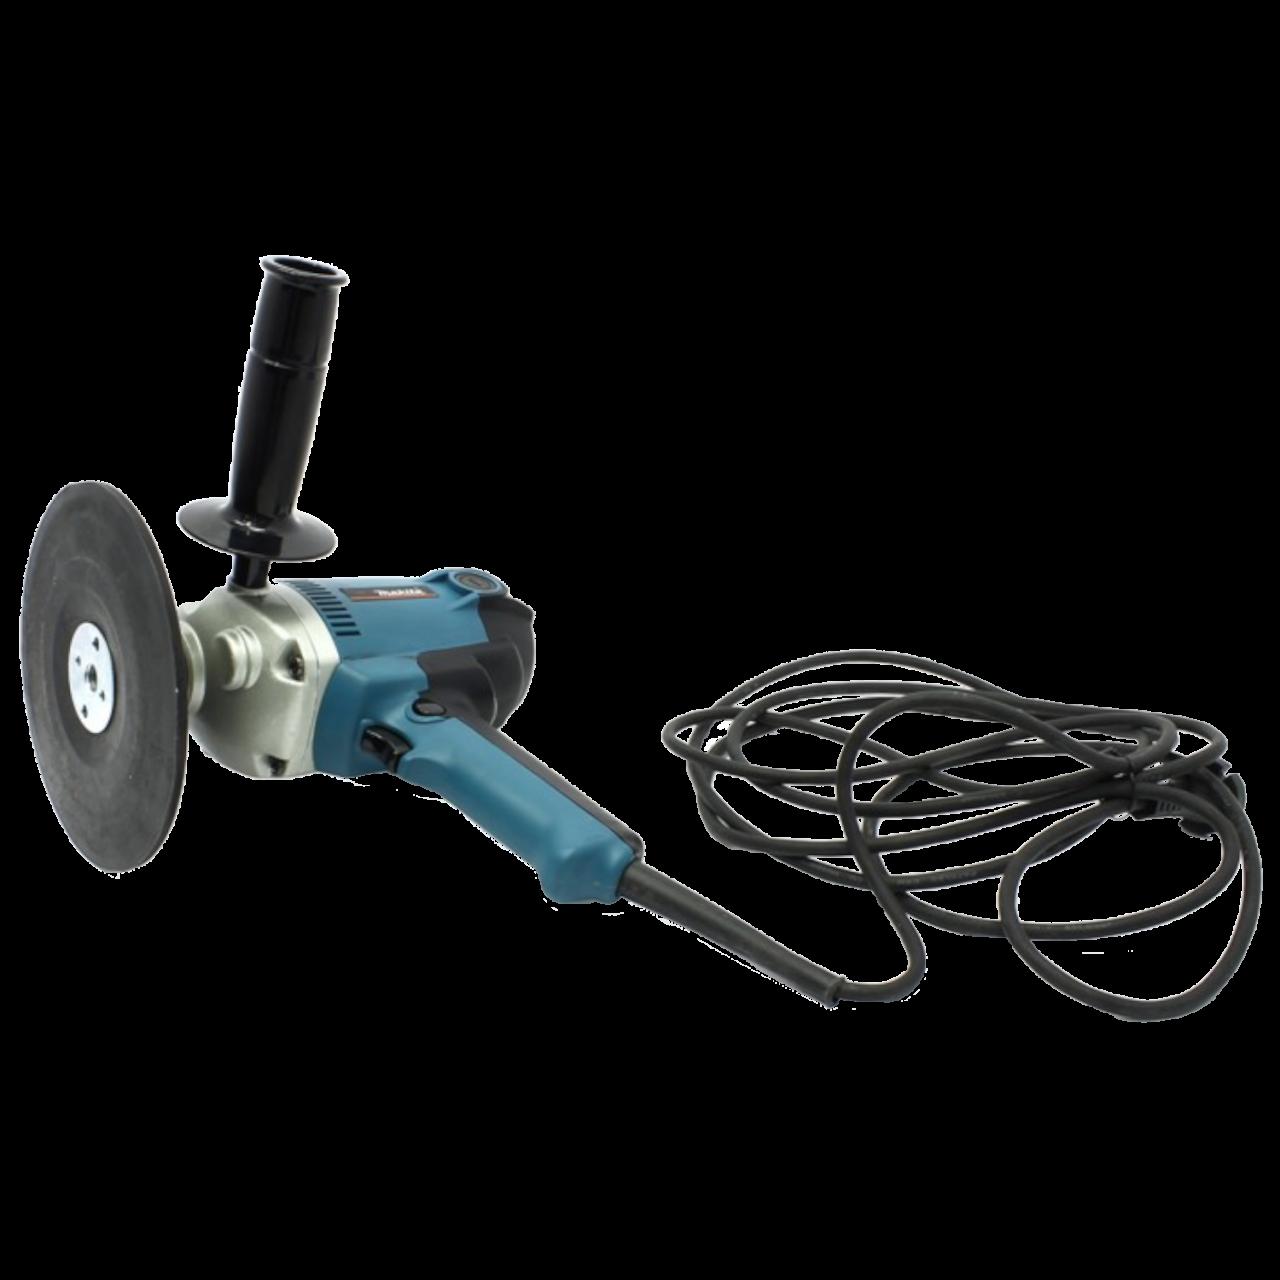 Makita Tellerschleifer GV7000C Ø180mm Poliermaschine Schleifmaschine Polierer